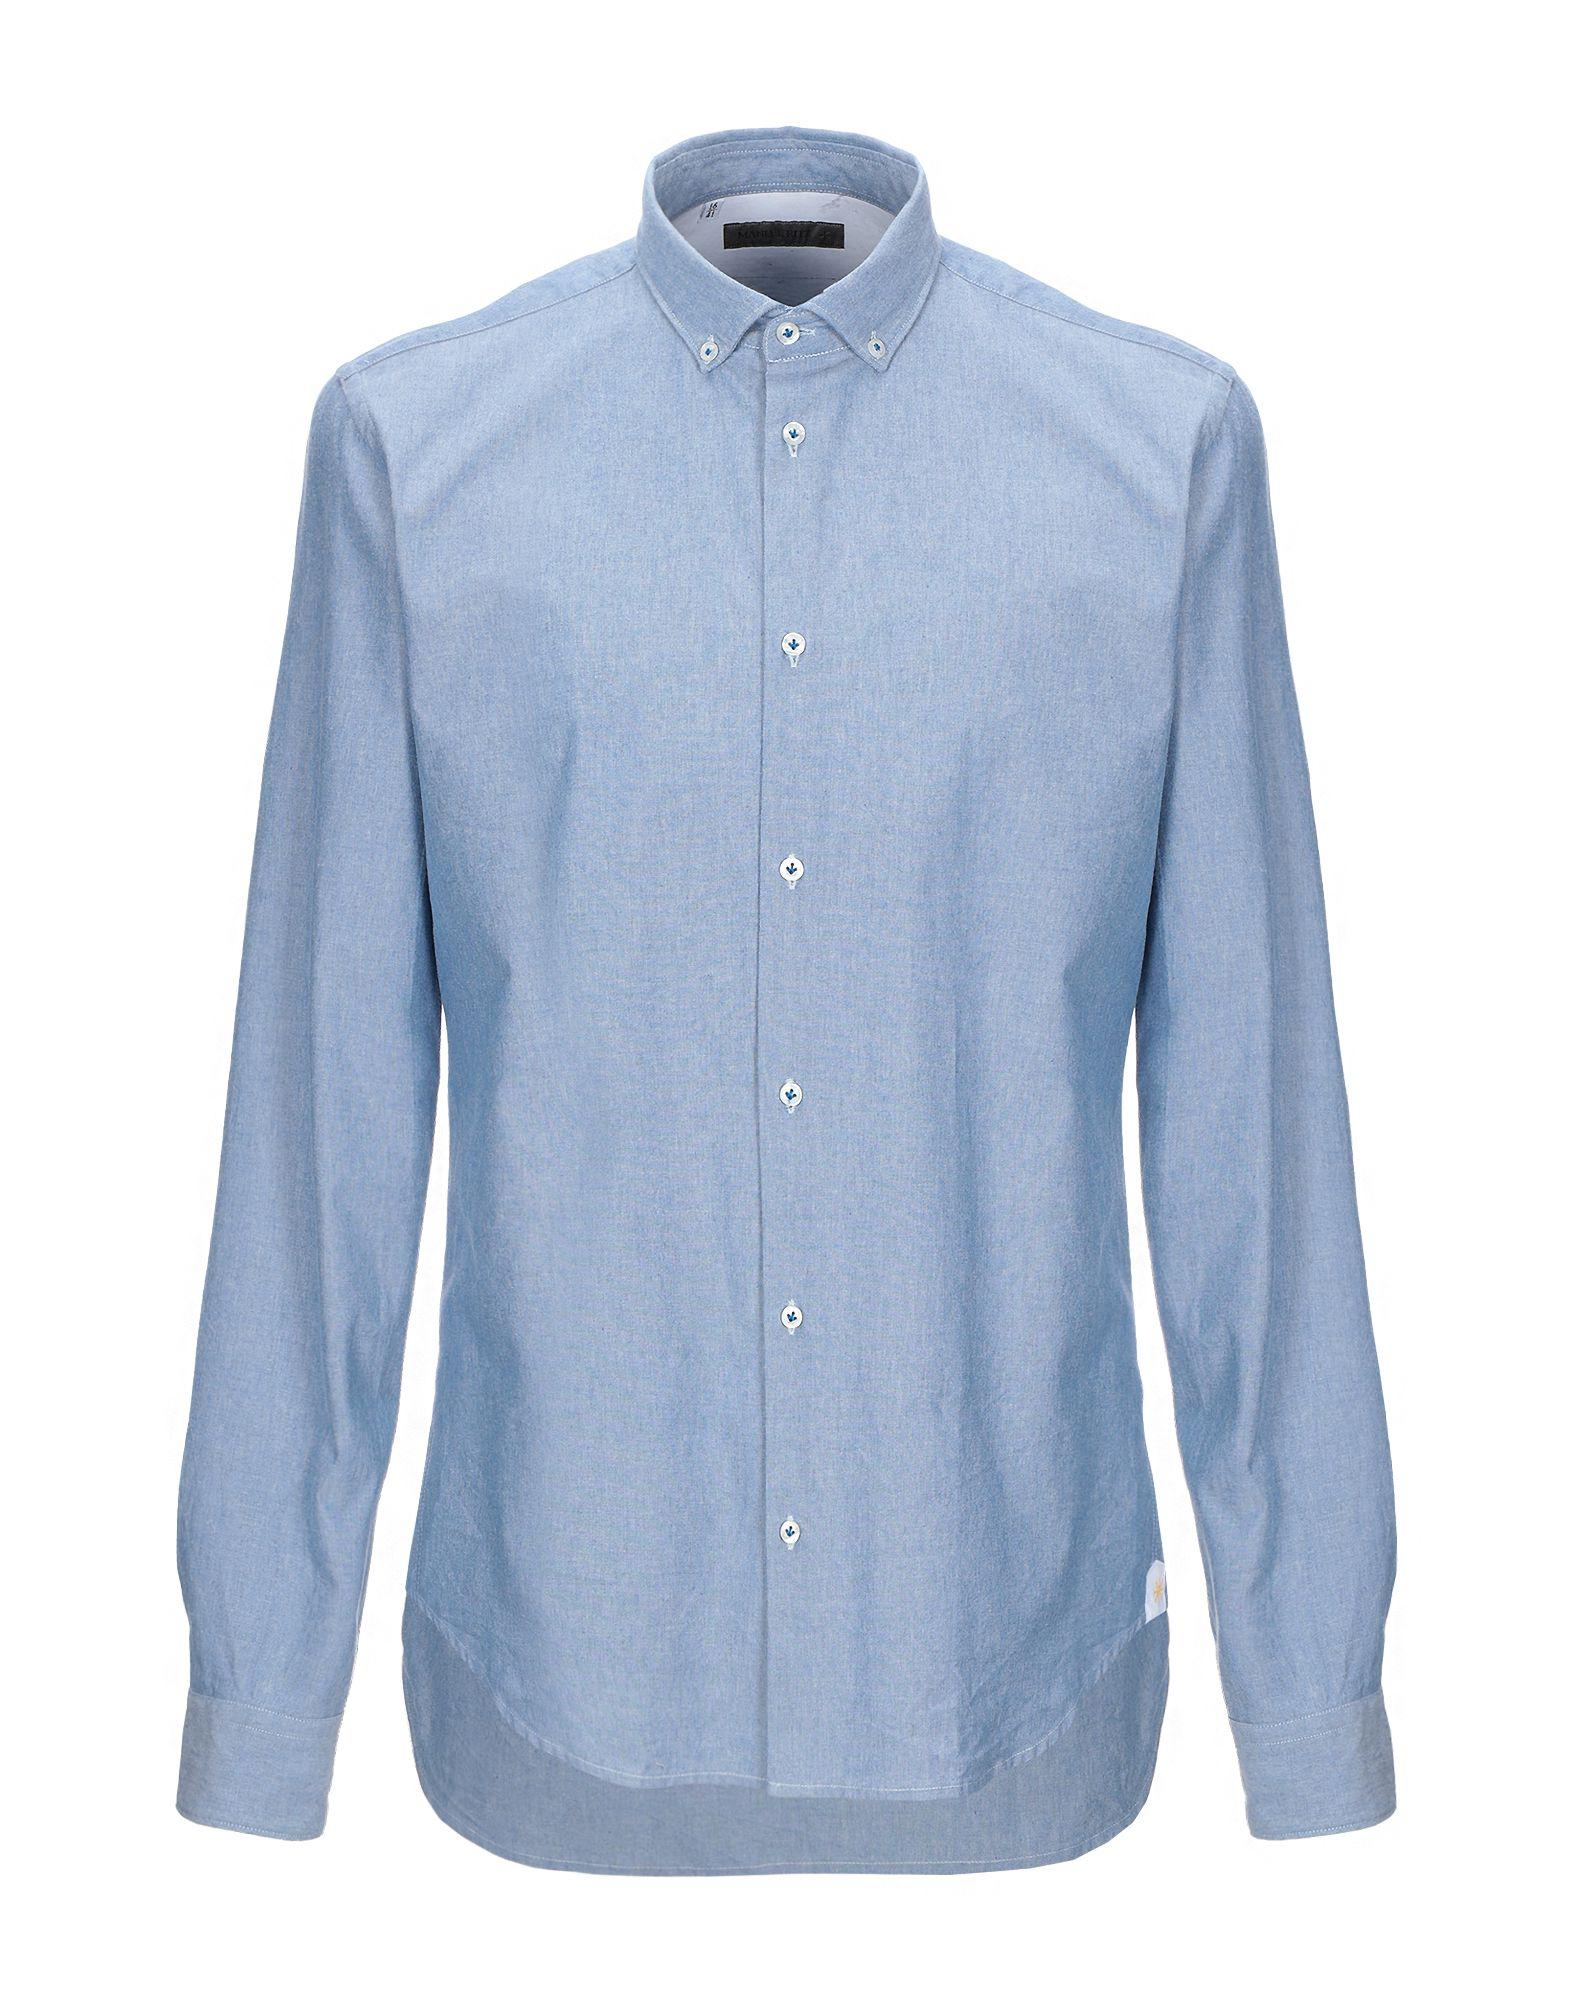 MANUEL RITZ Джинсовая рубашка burberry джинсовая рубашка